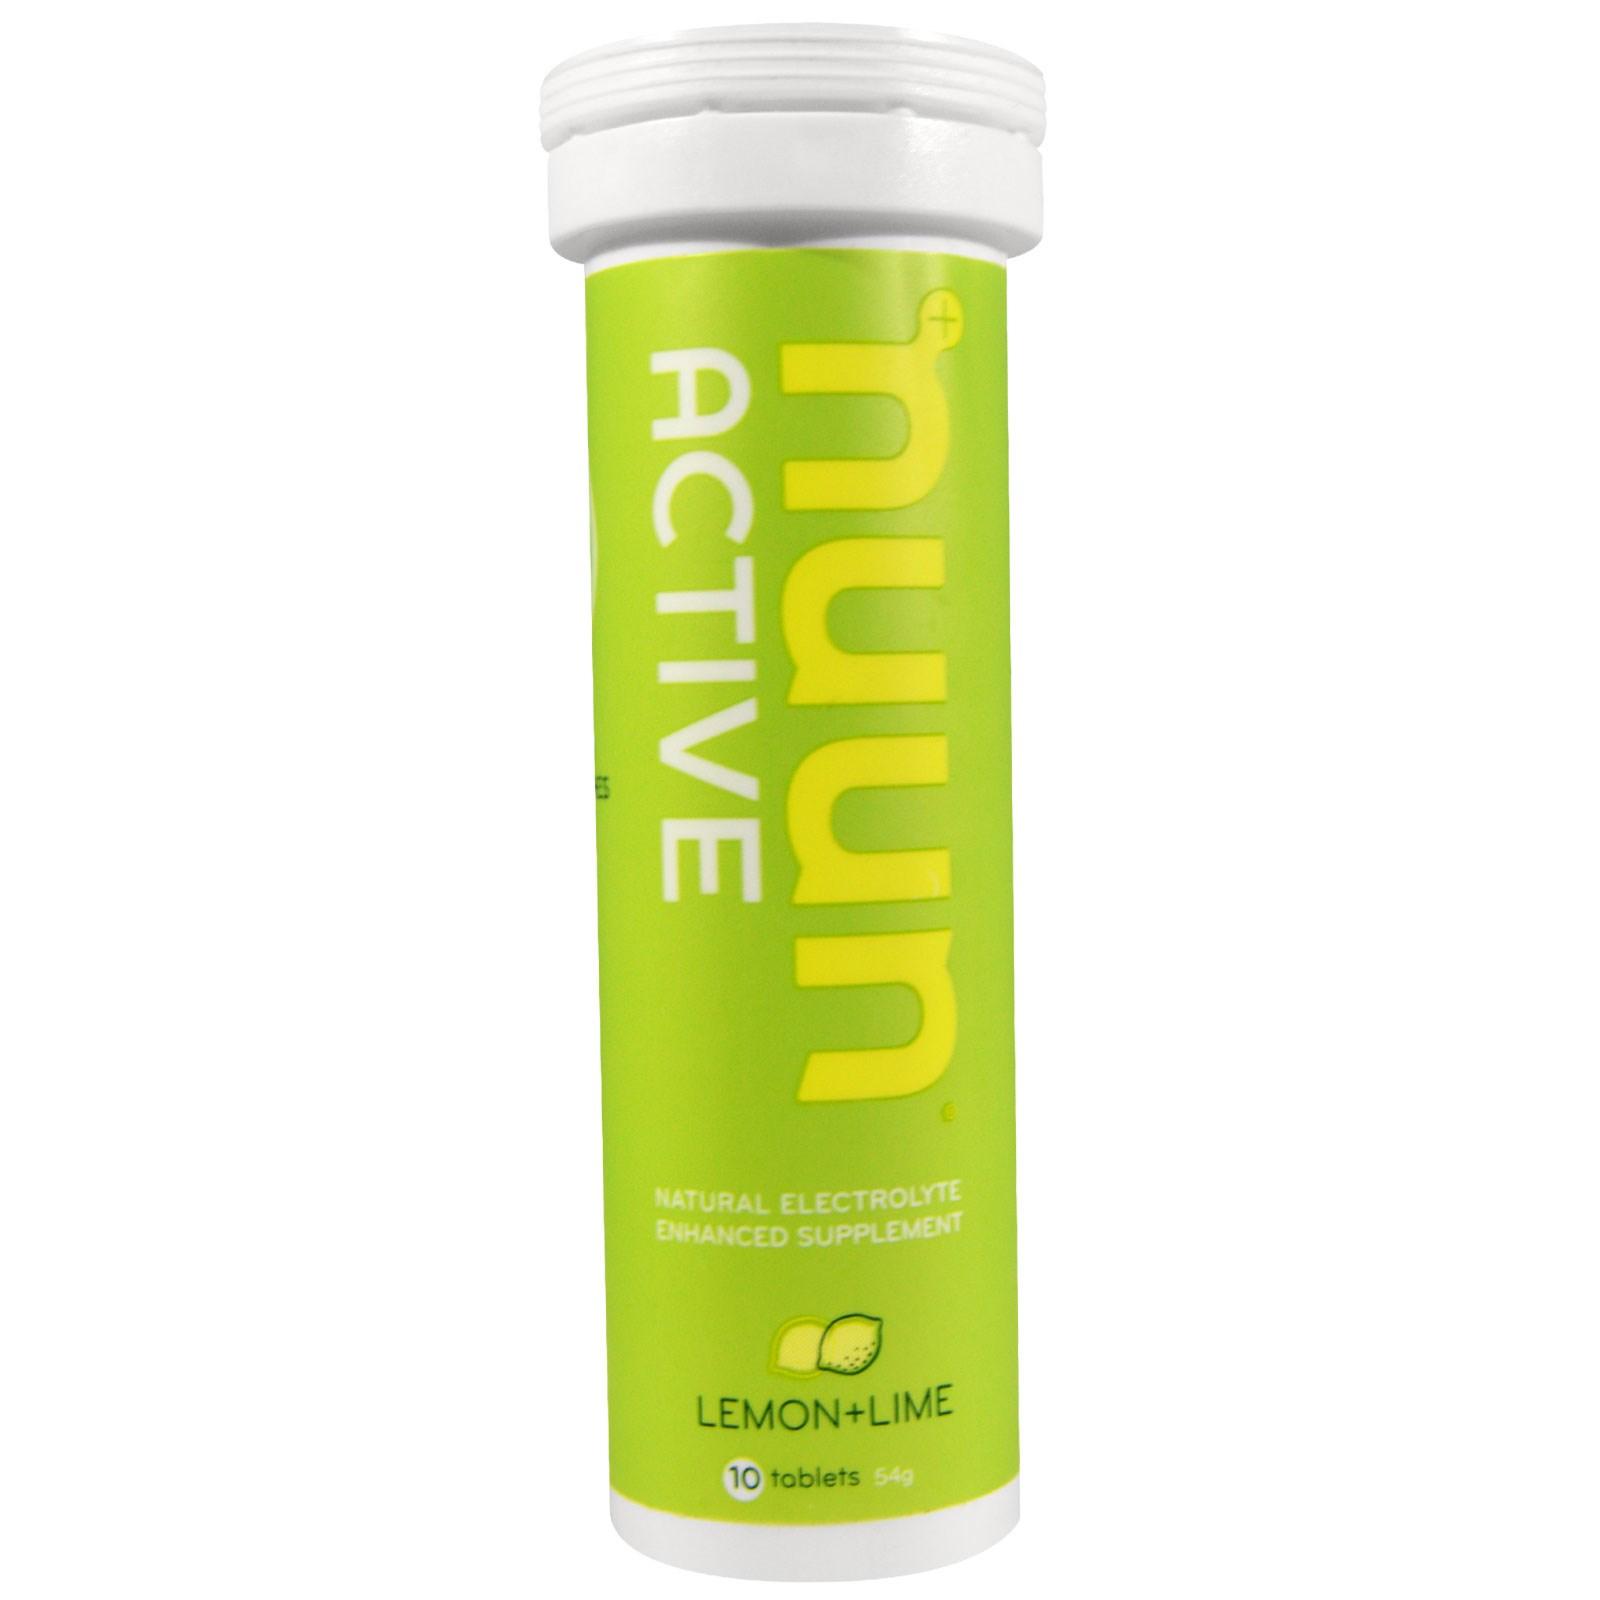 Nuun, Активная добавка, обогащенная природными электролитами, лимон + лайм, 10 таблеток